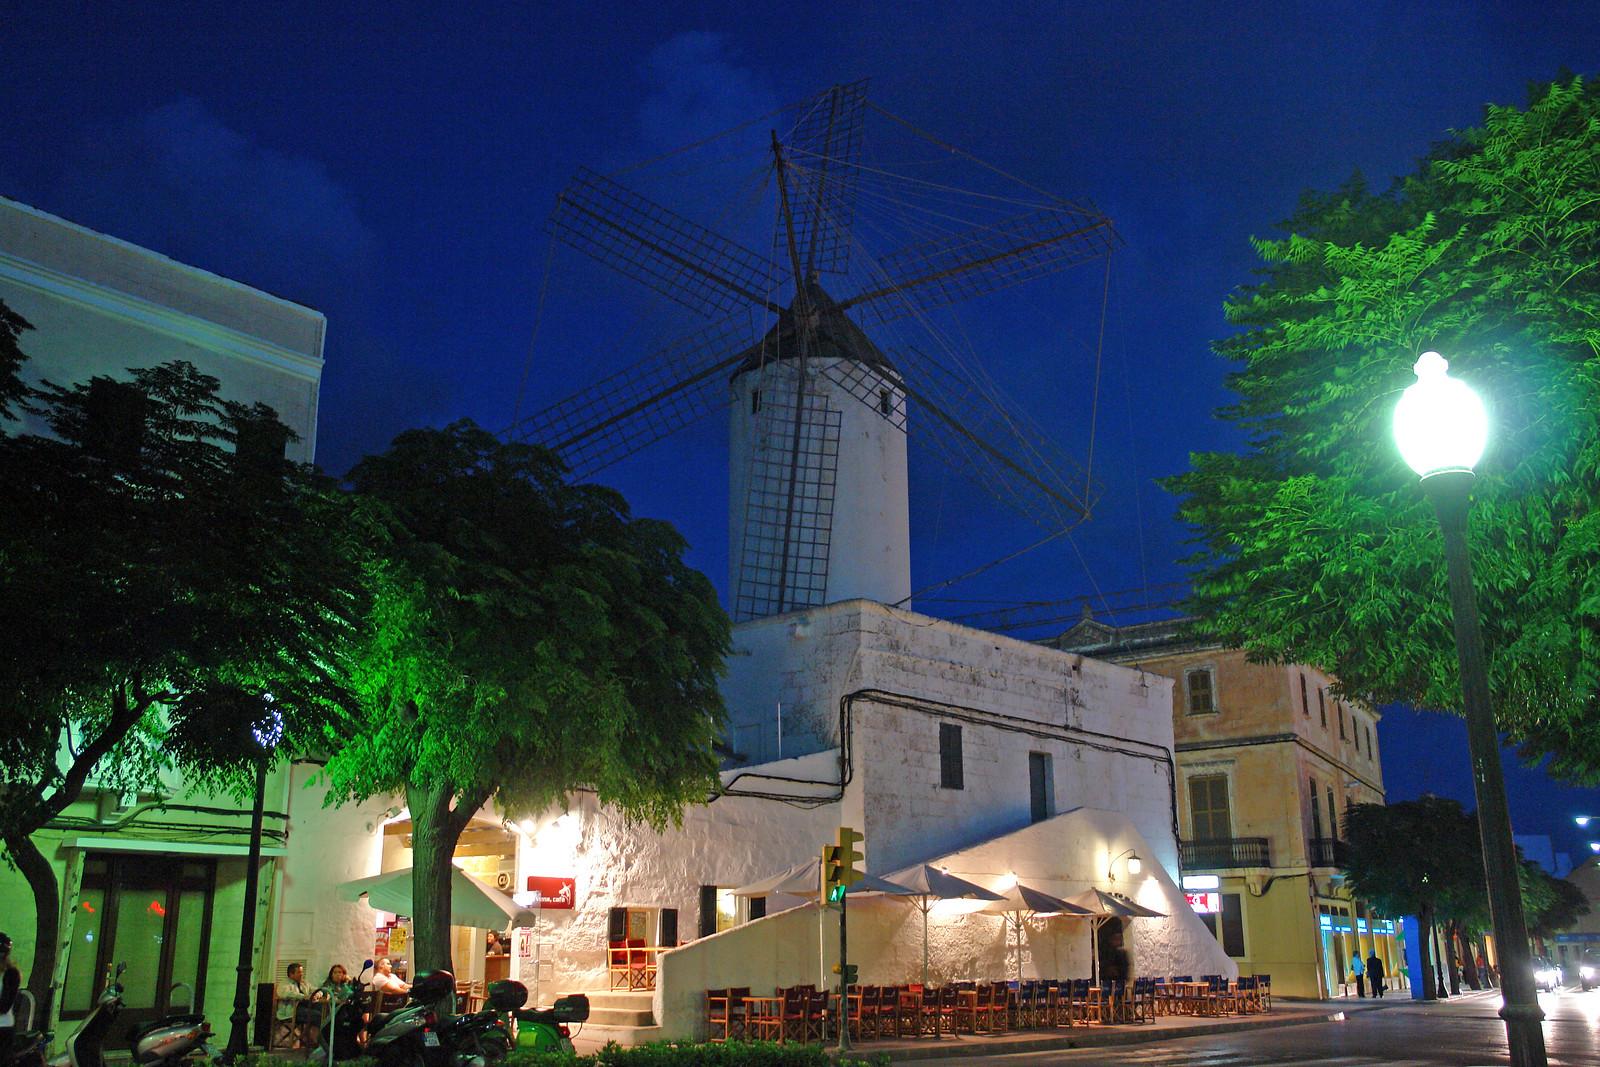 Qué ver en Menorca, Islas Baleares - thewotme qué ver en menorca - 50047057422 7de1d30a3d h - Qué ver en Menorca, lugares a NO perderse